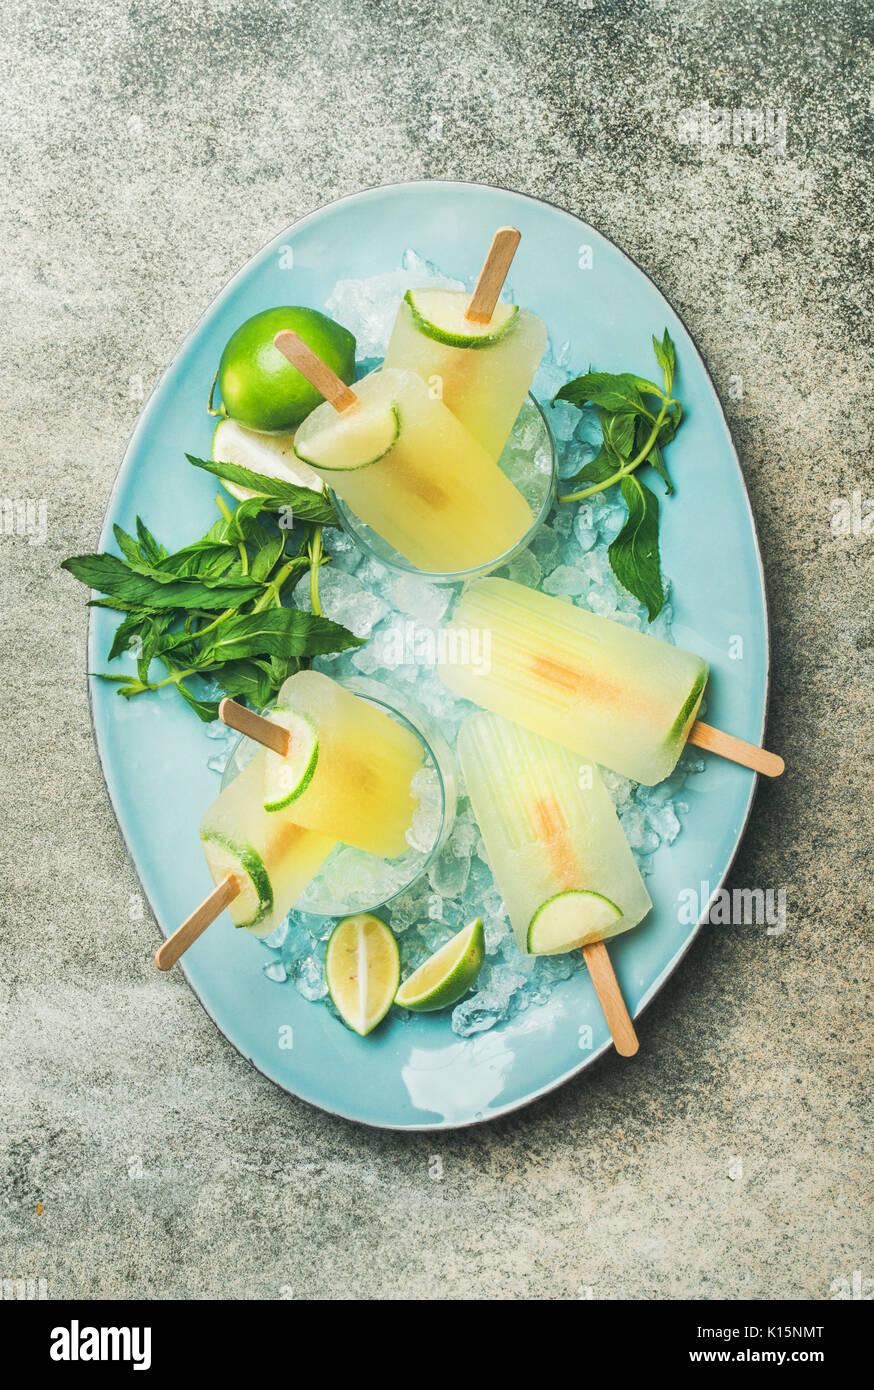 Verano refrescante limonada paletas con limón y menta en la placa Imagen De Stock